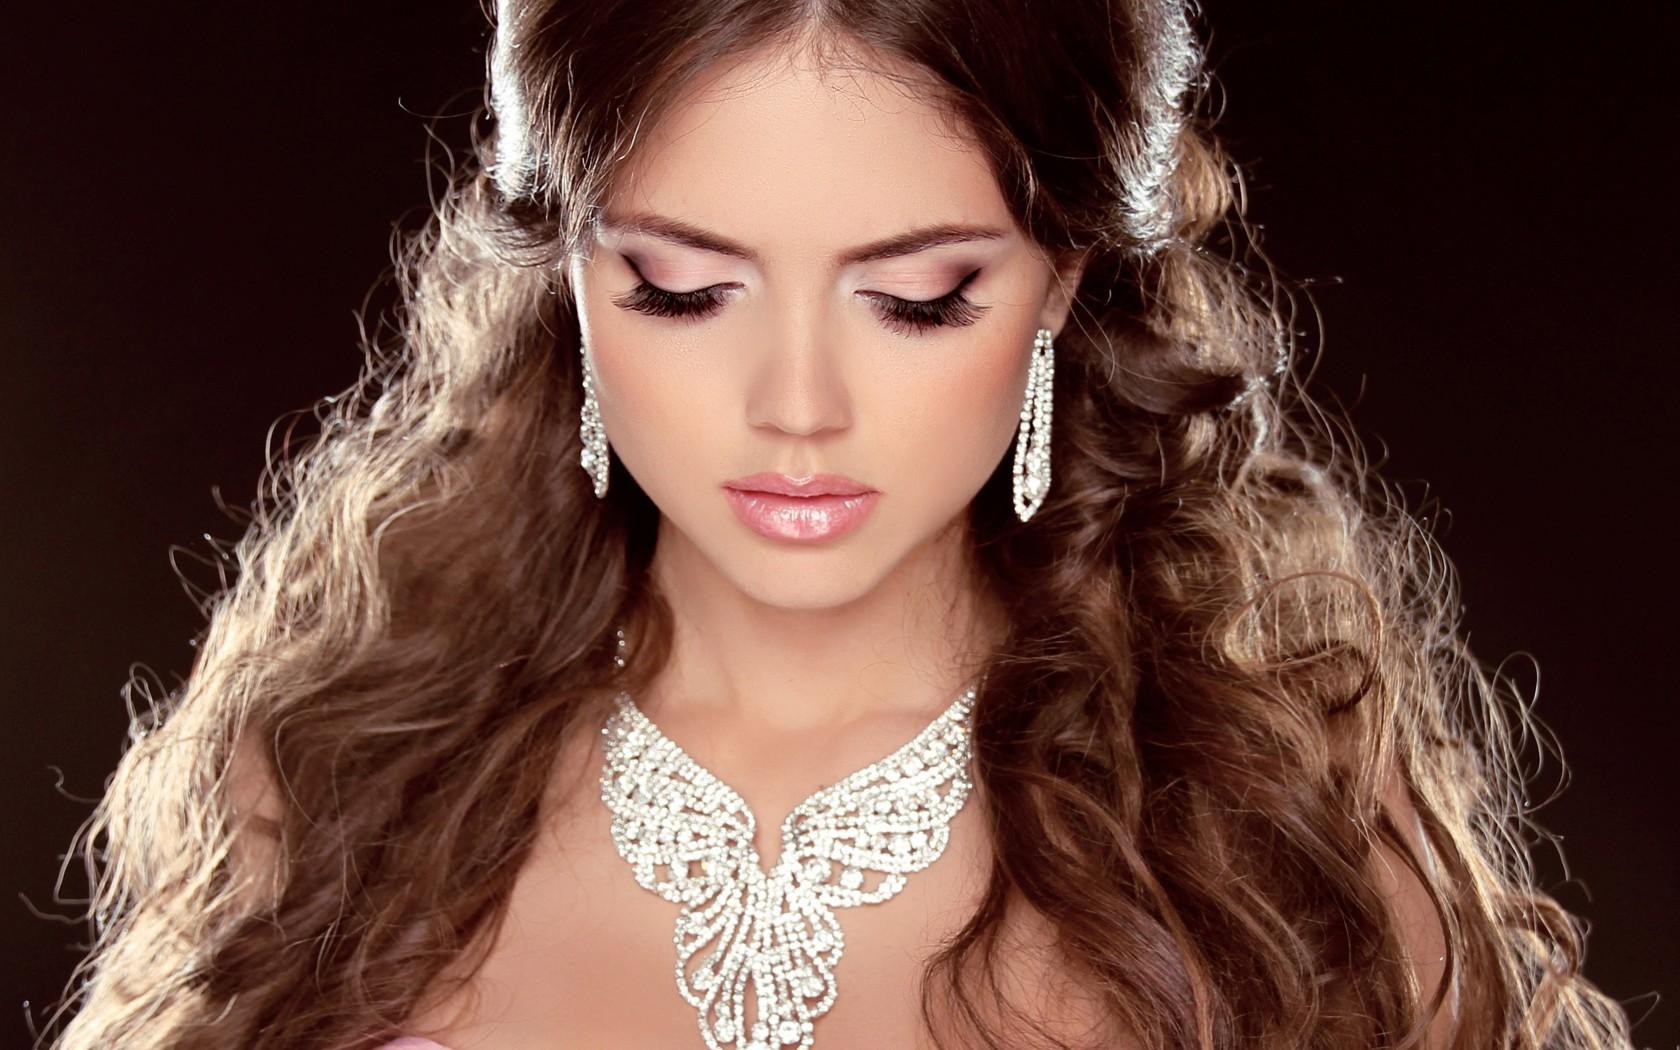 http://womanfaq.ru/uploads/posts/2014-09/1409740614_kak-vybrat-kachestvennuyu-bizhuteriyu.jpg